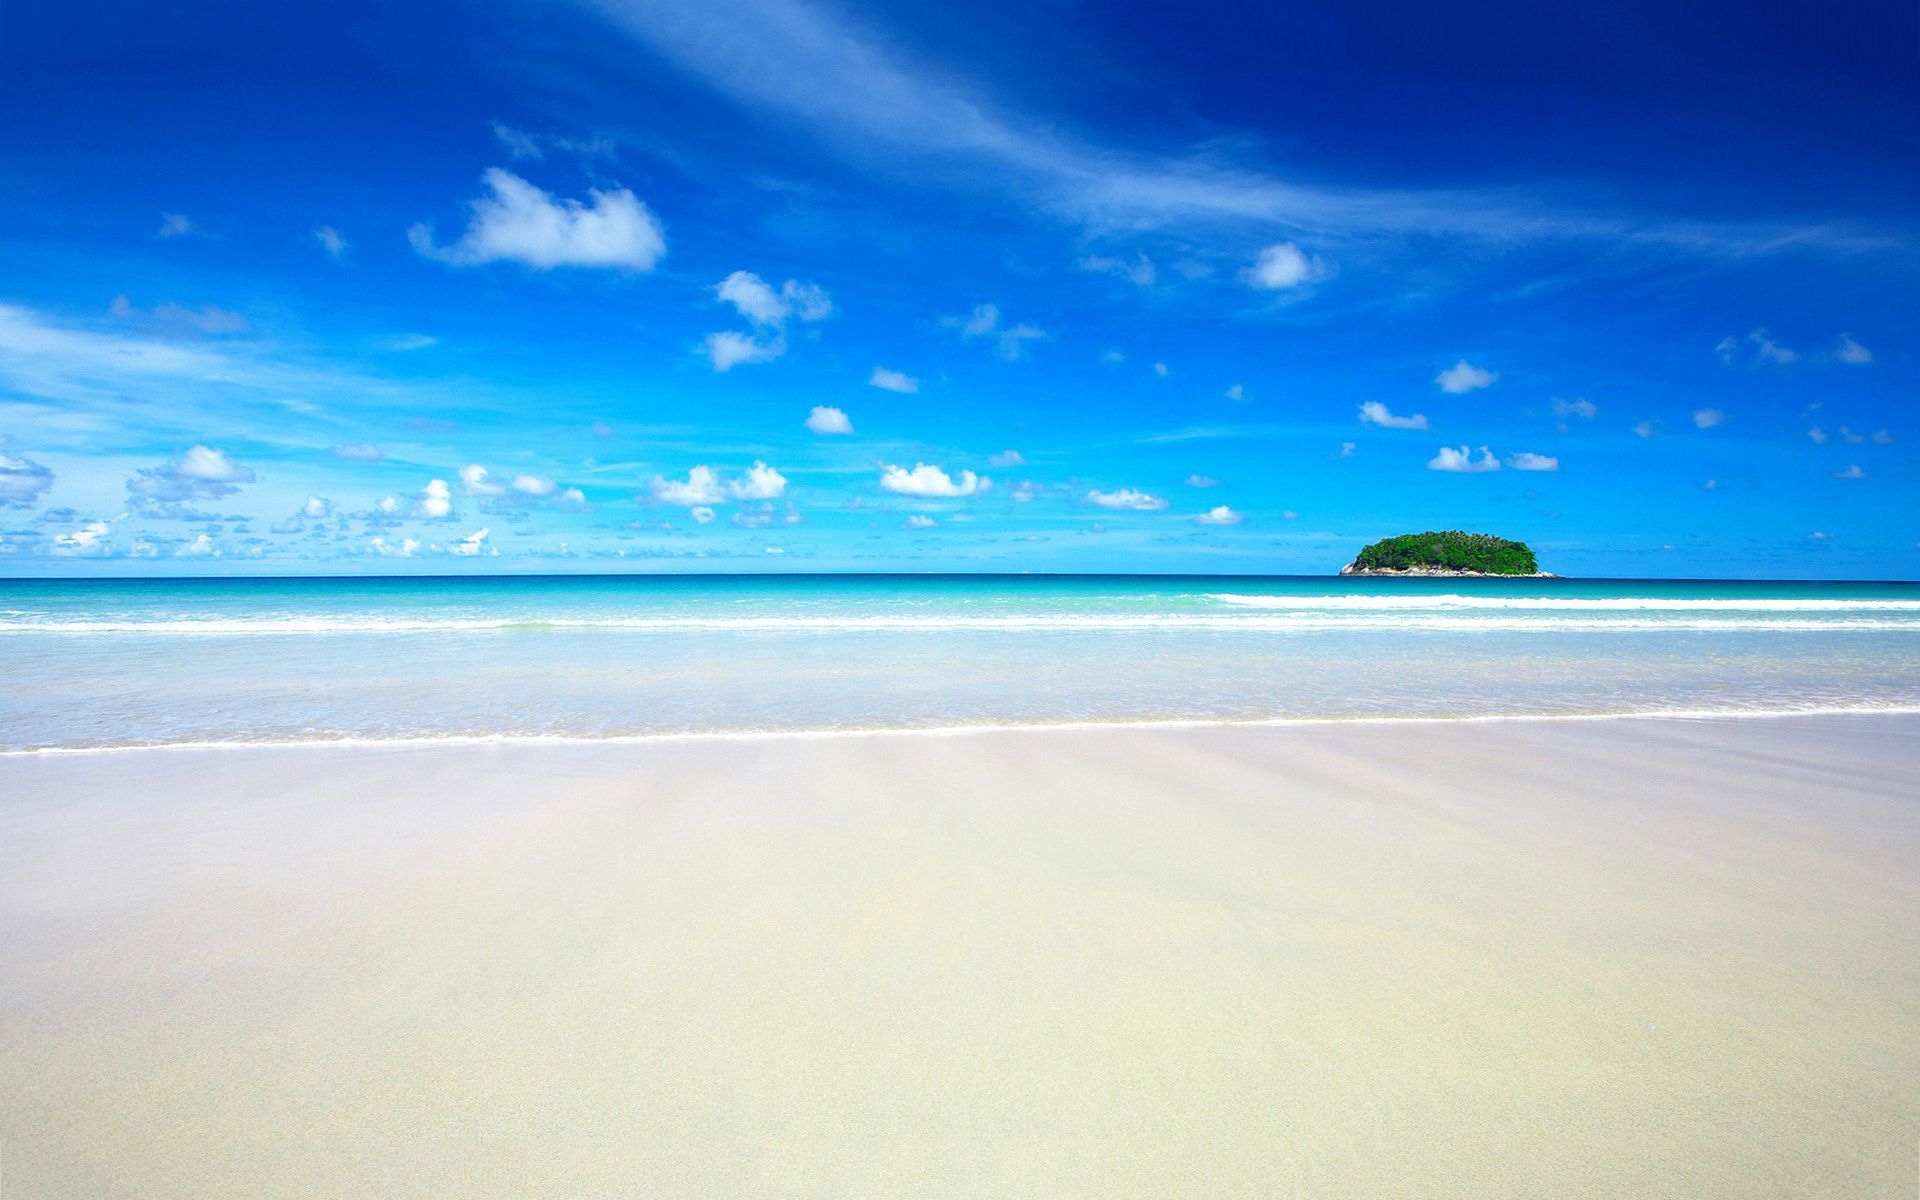 The Cook Islands Http Www Mphfitness Com Beach Wallpaper White Sand Beach Beach